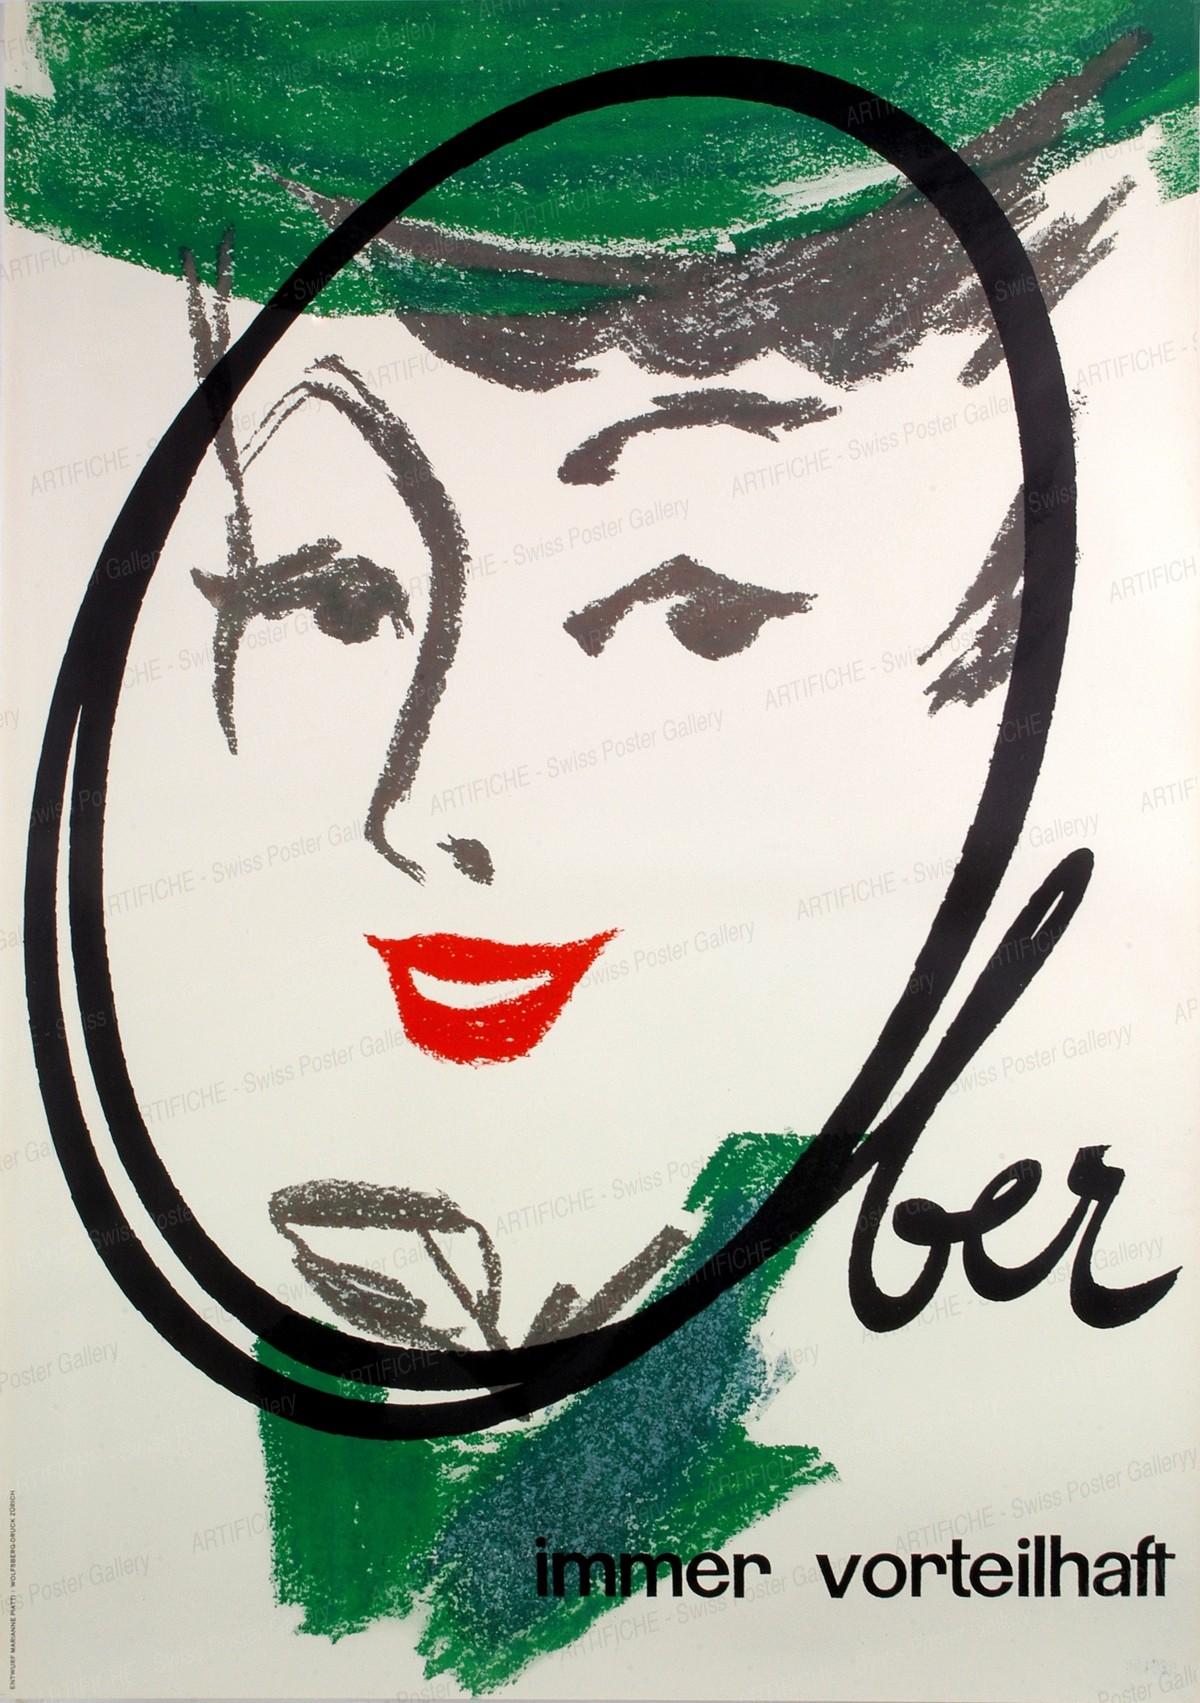 Ober – immer vorteilhaft, Marianne Piatti (bzw. Piatti-Stricker)